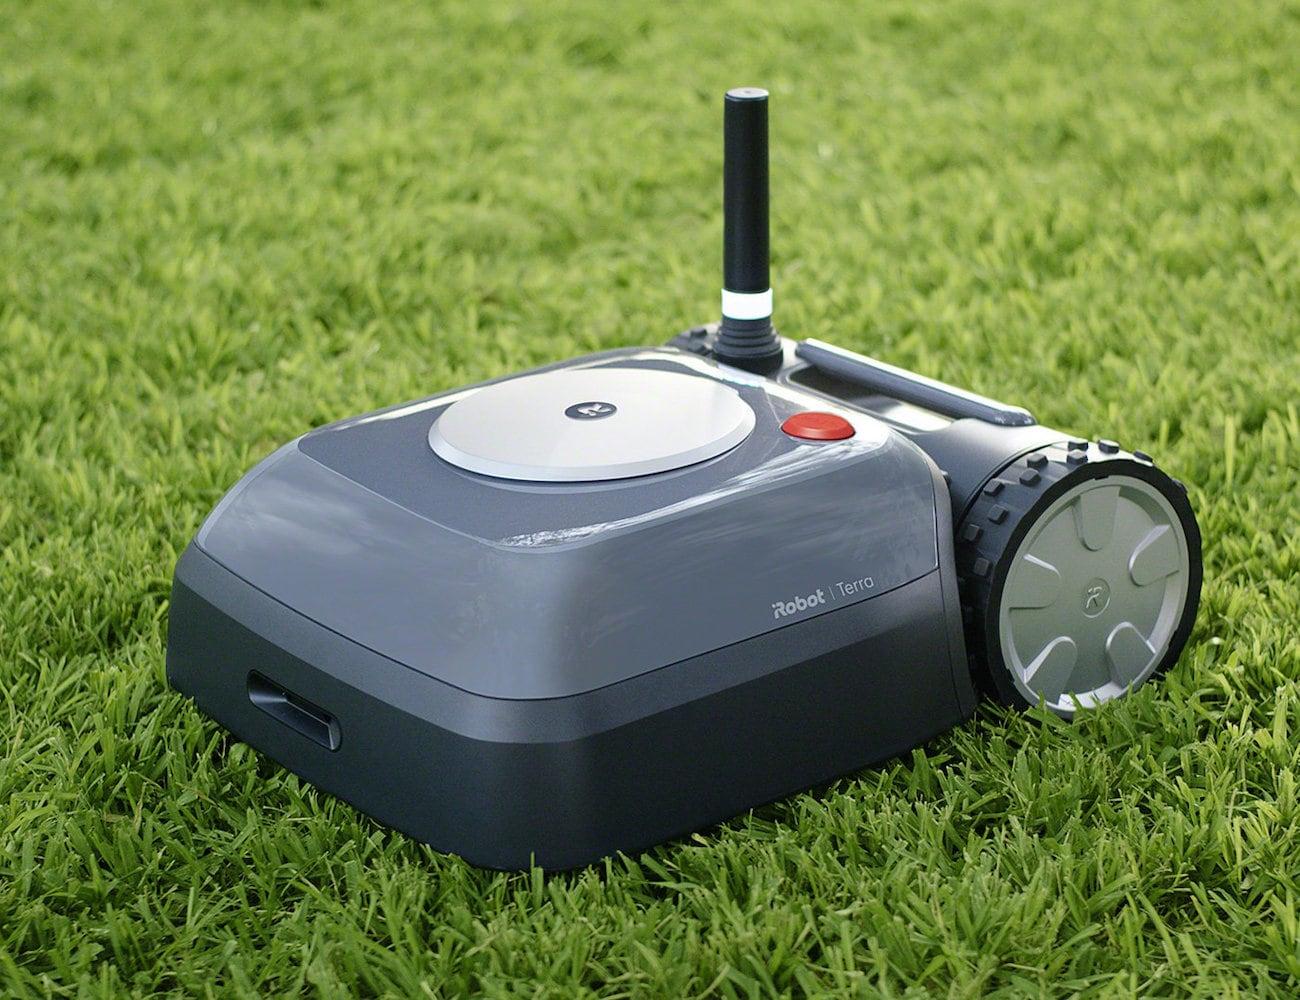 iRobot Terra Robot Lawn Mower